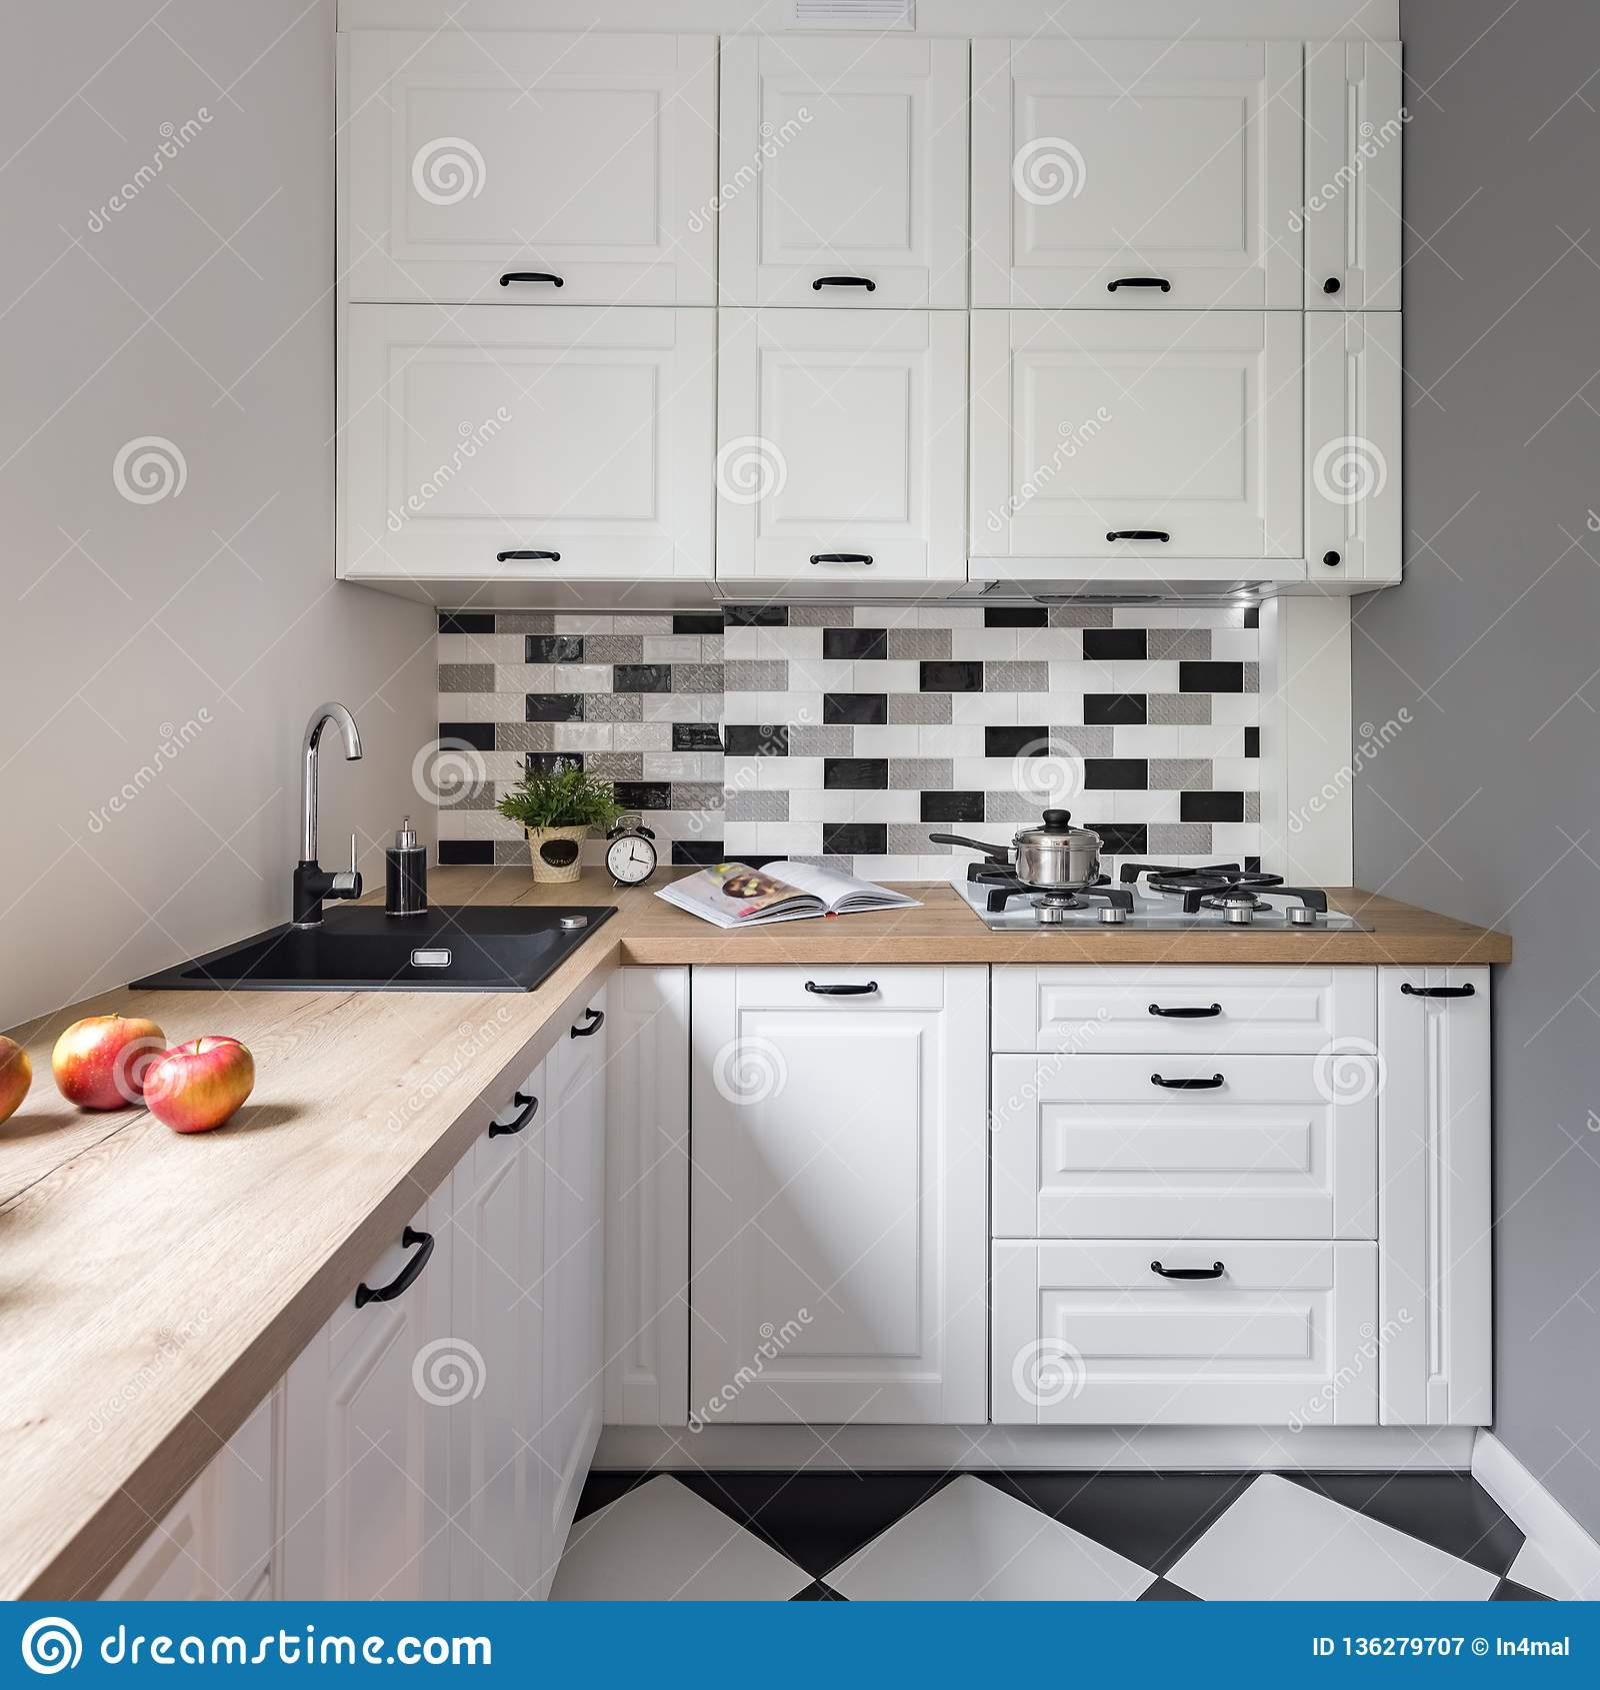 https fr dreamstime com petite cuisine les meubles blancs image136279707